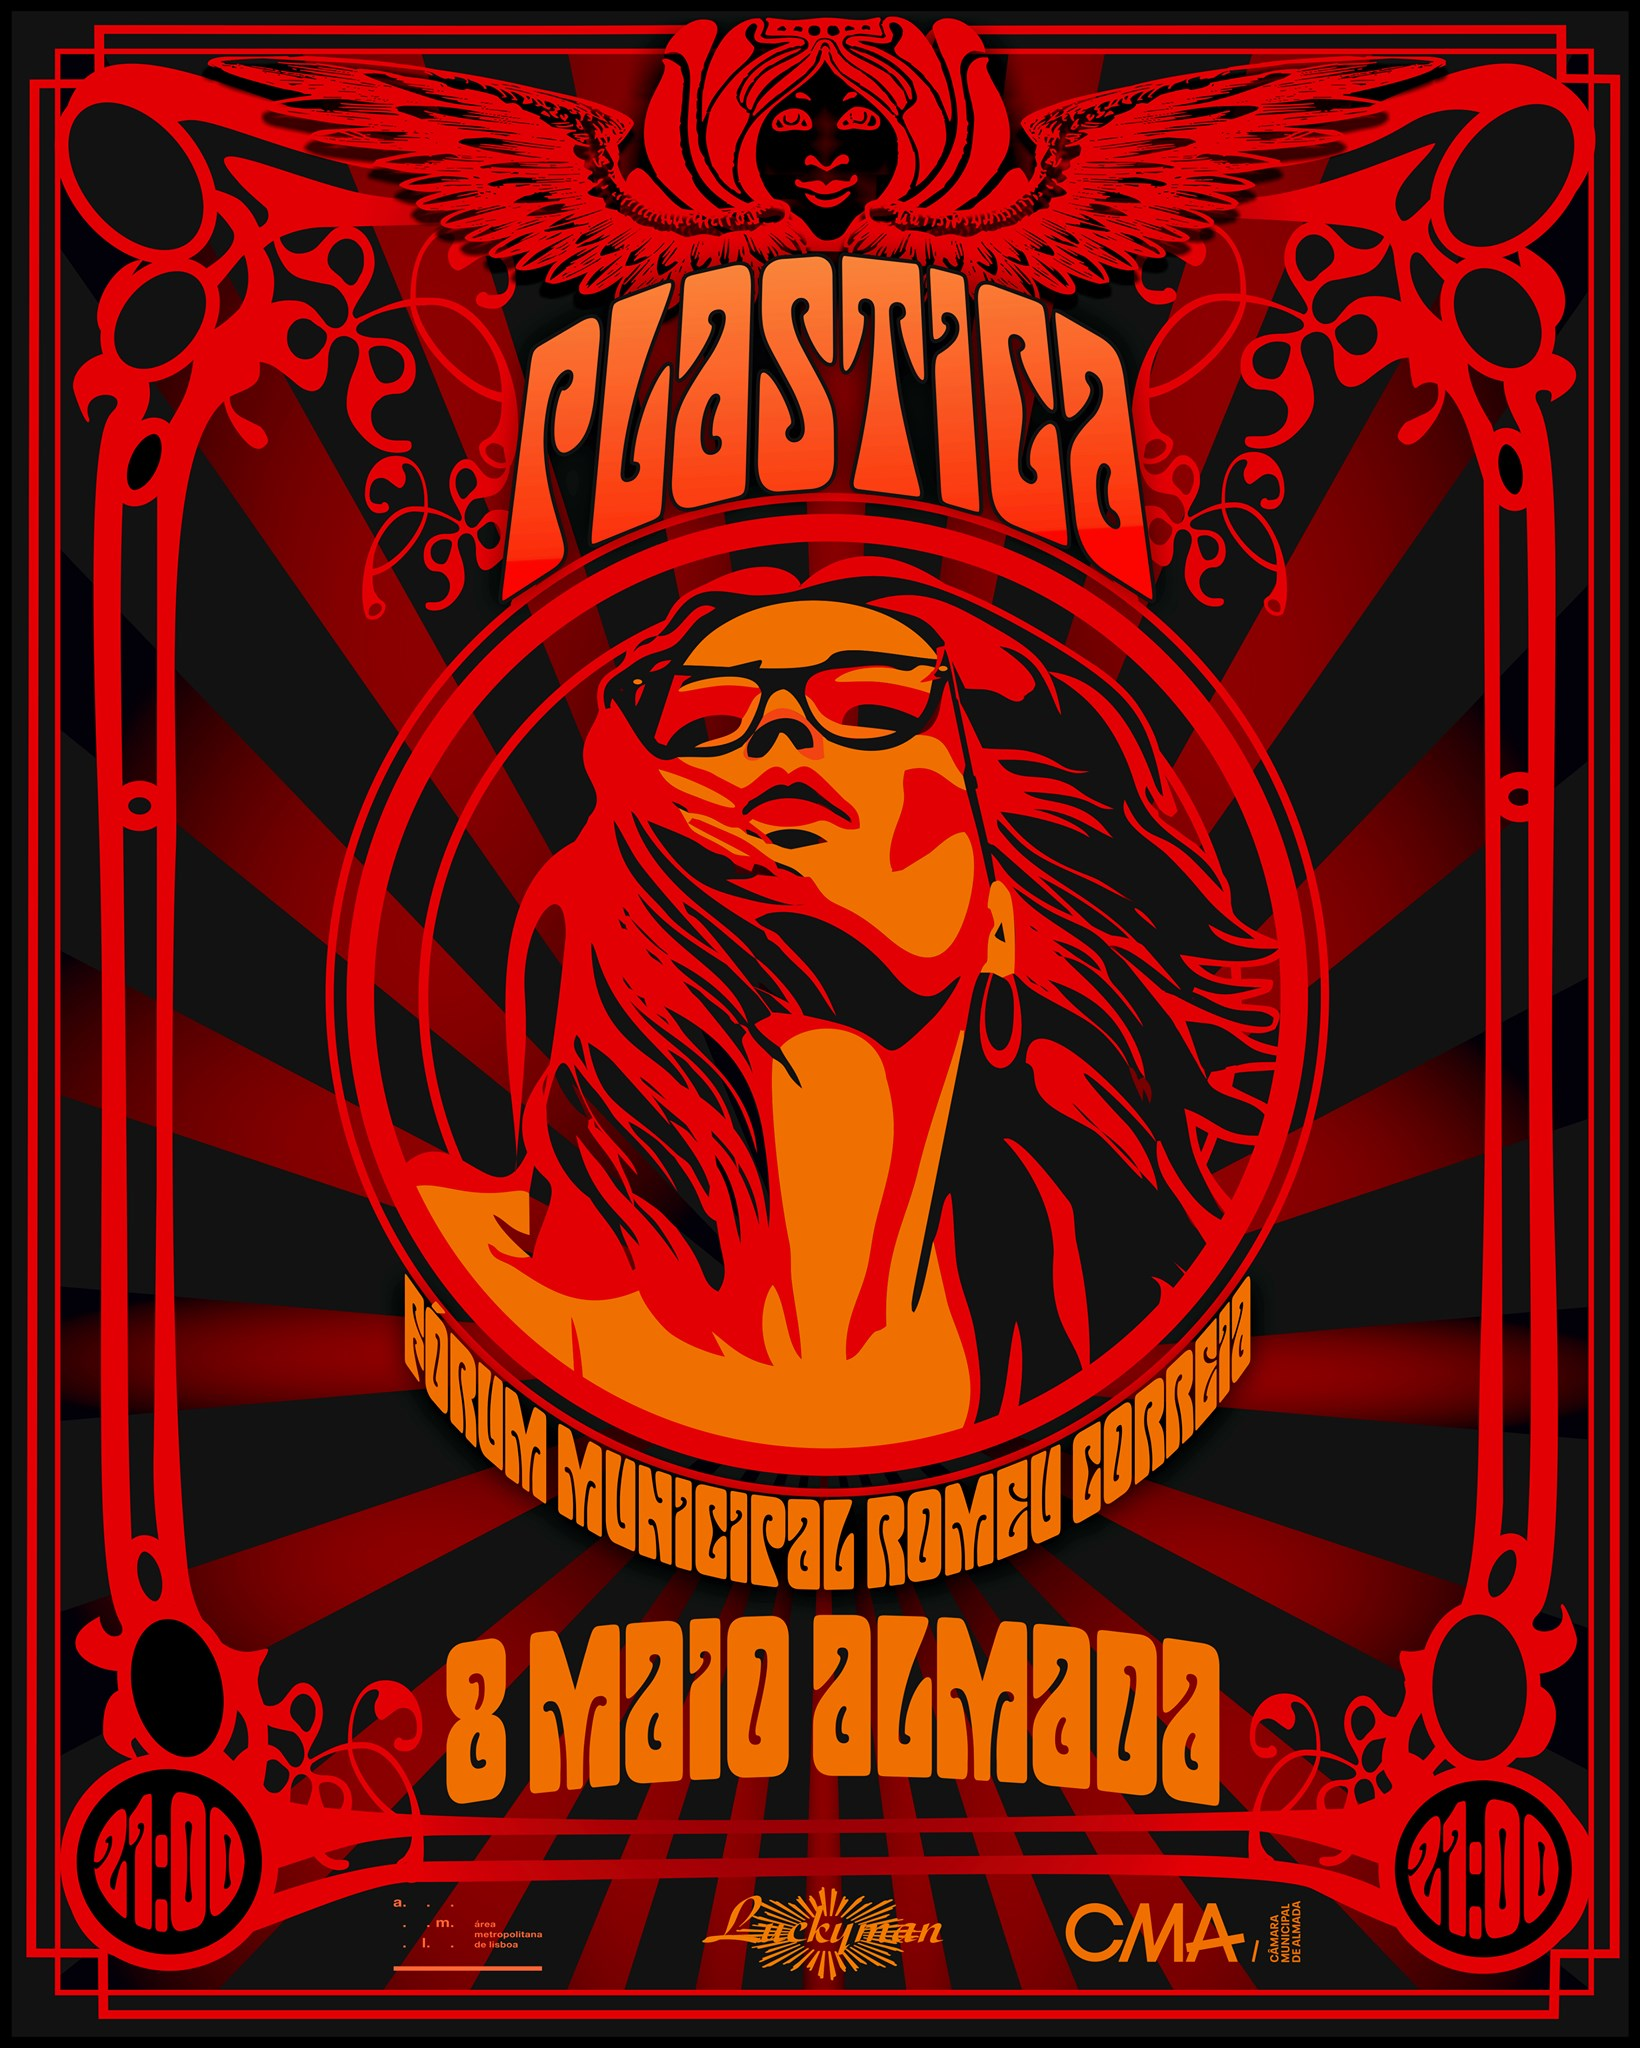 Plastica - Almada